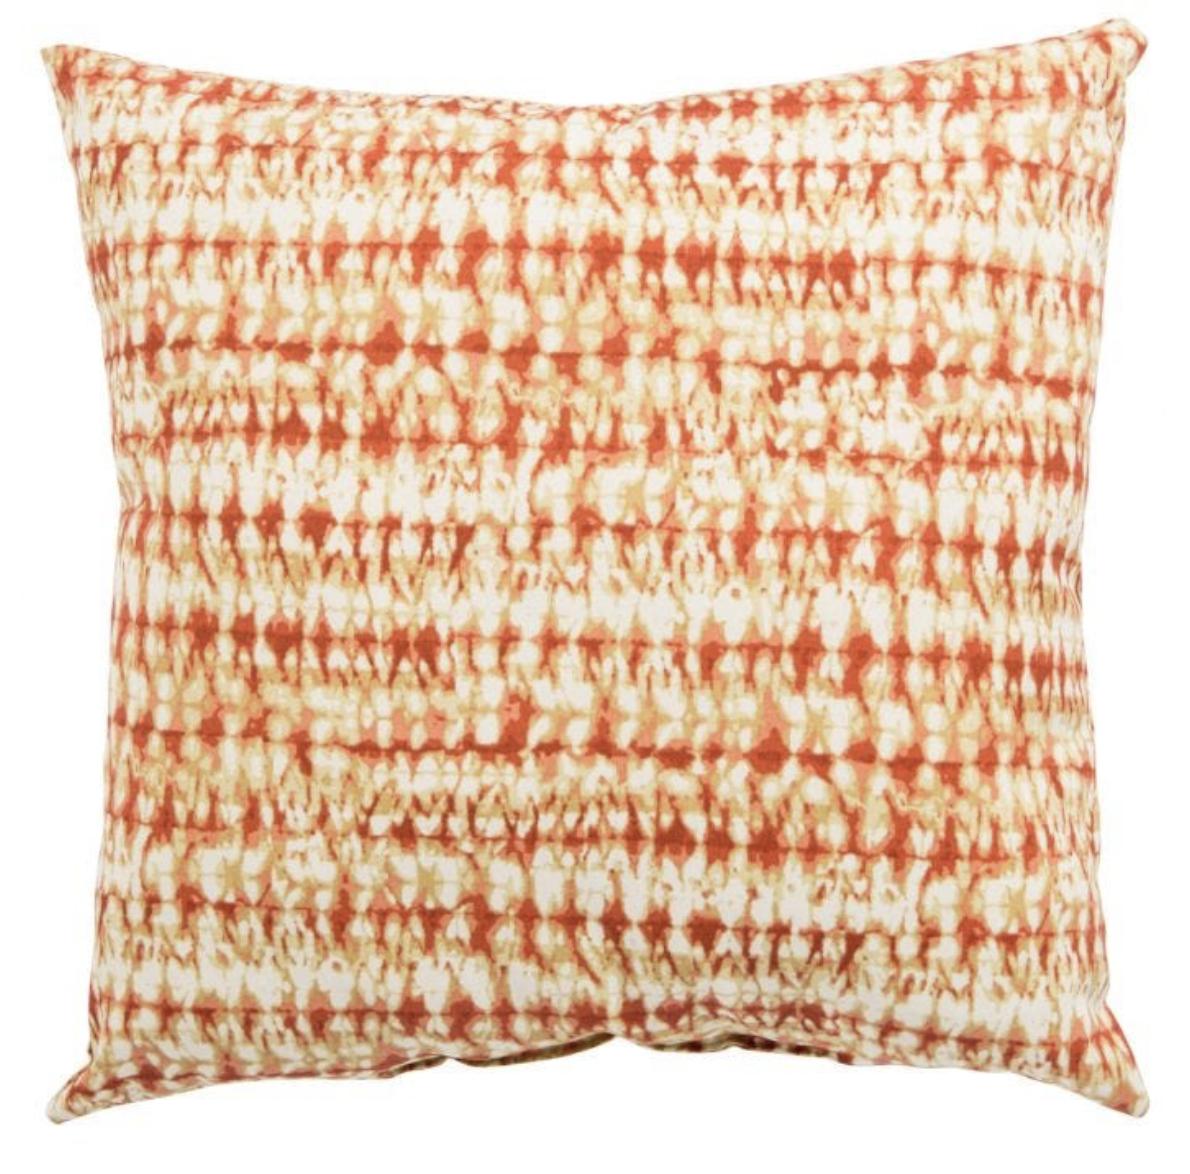 Veranda Coral Batik Pillow